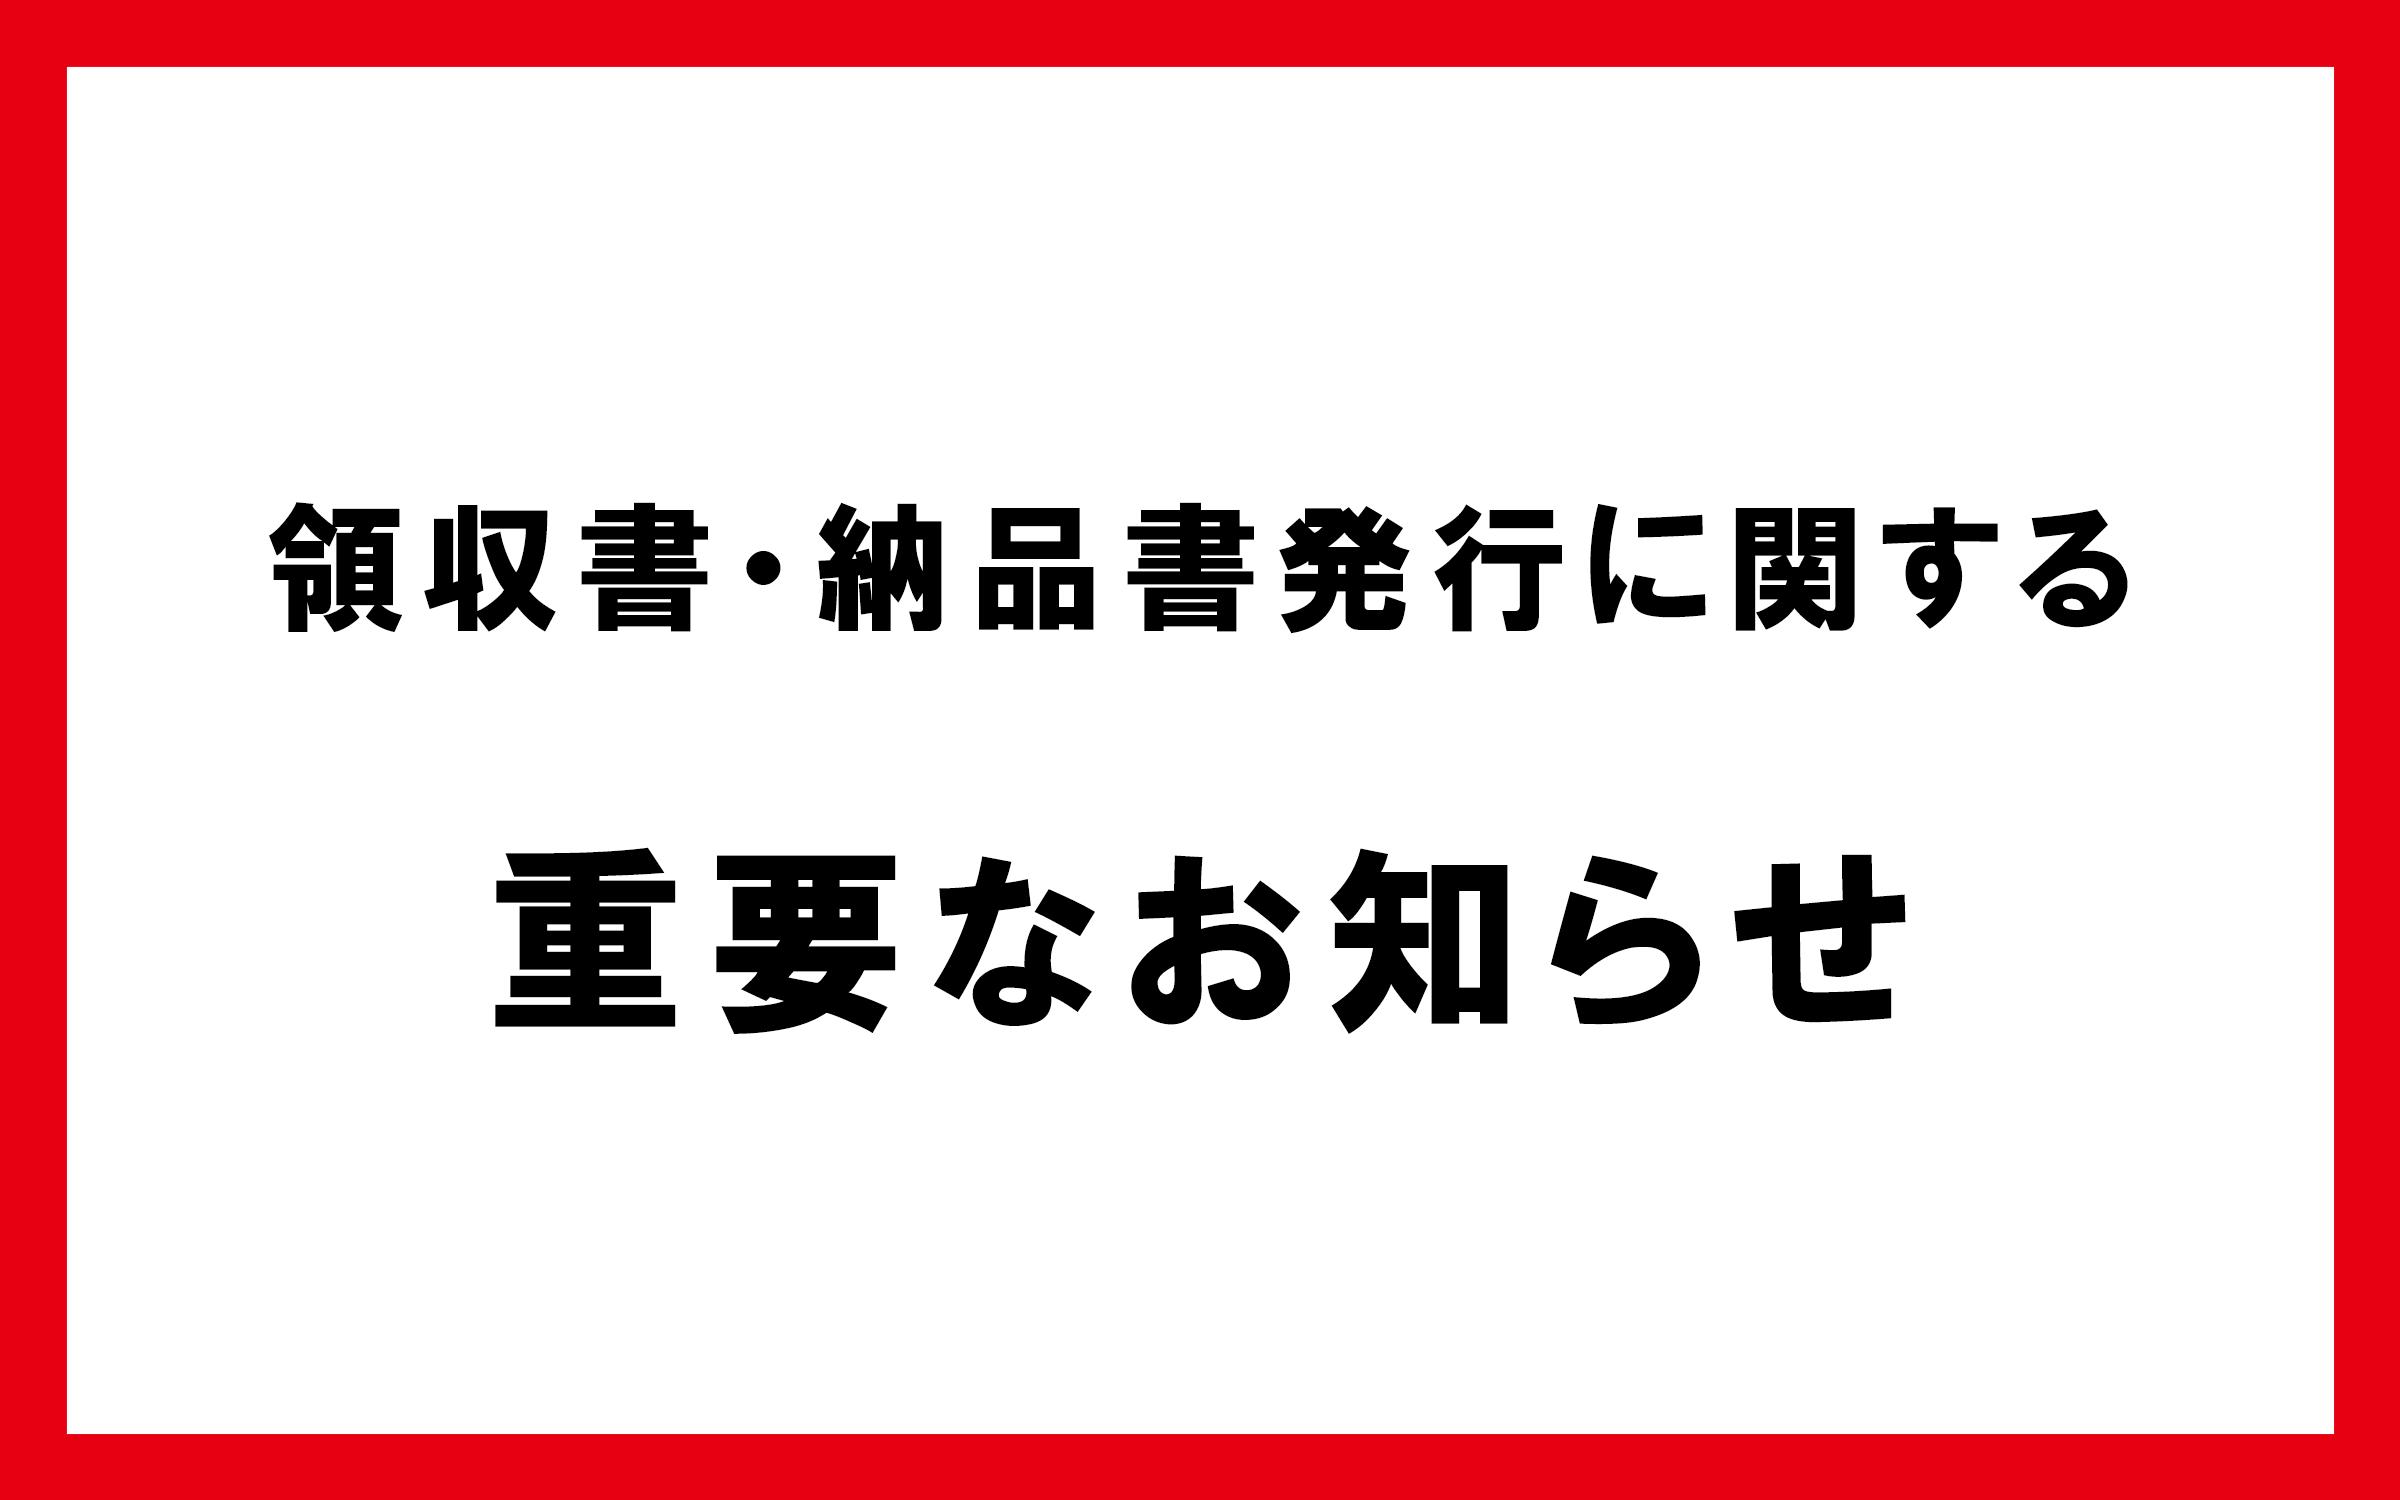 領収書・納品書発行に関する重要なお知らせ